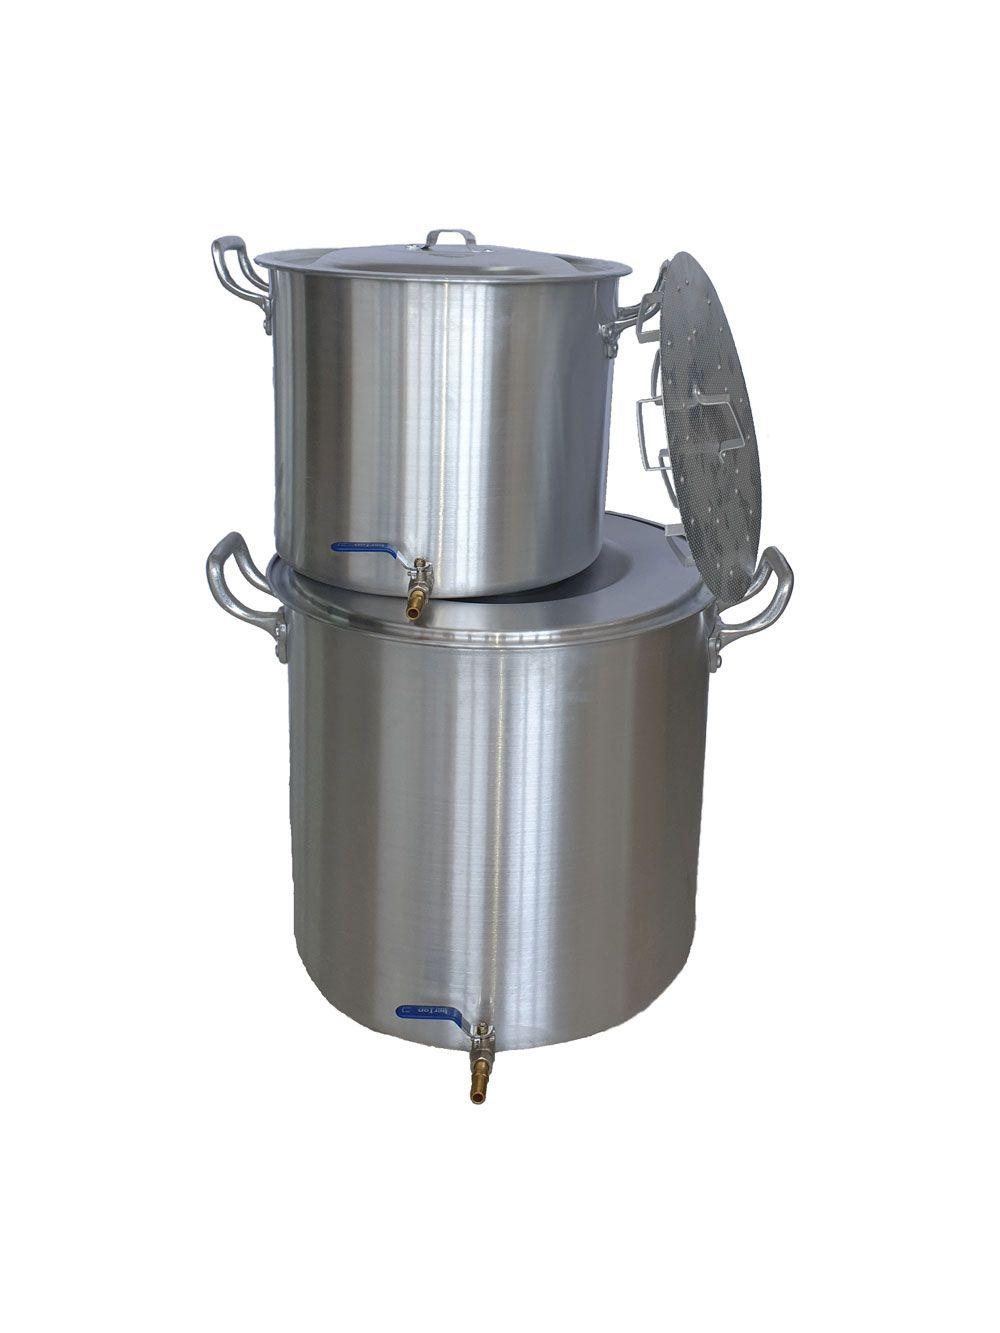 Kit de 2 Panelas para produção de 60 litros de Cerveja Artesanal (faz até 70 litros)  - Lojão de Ofertas